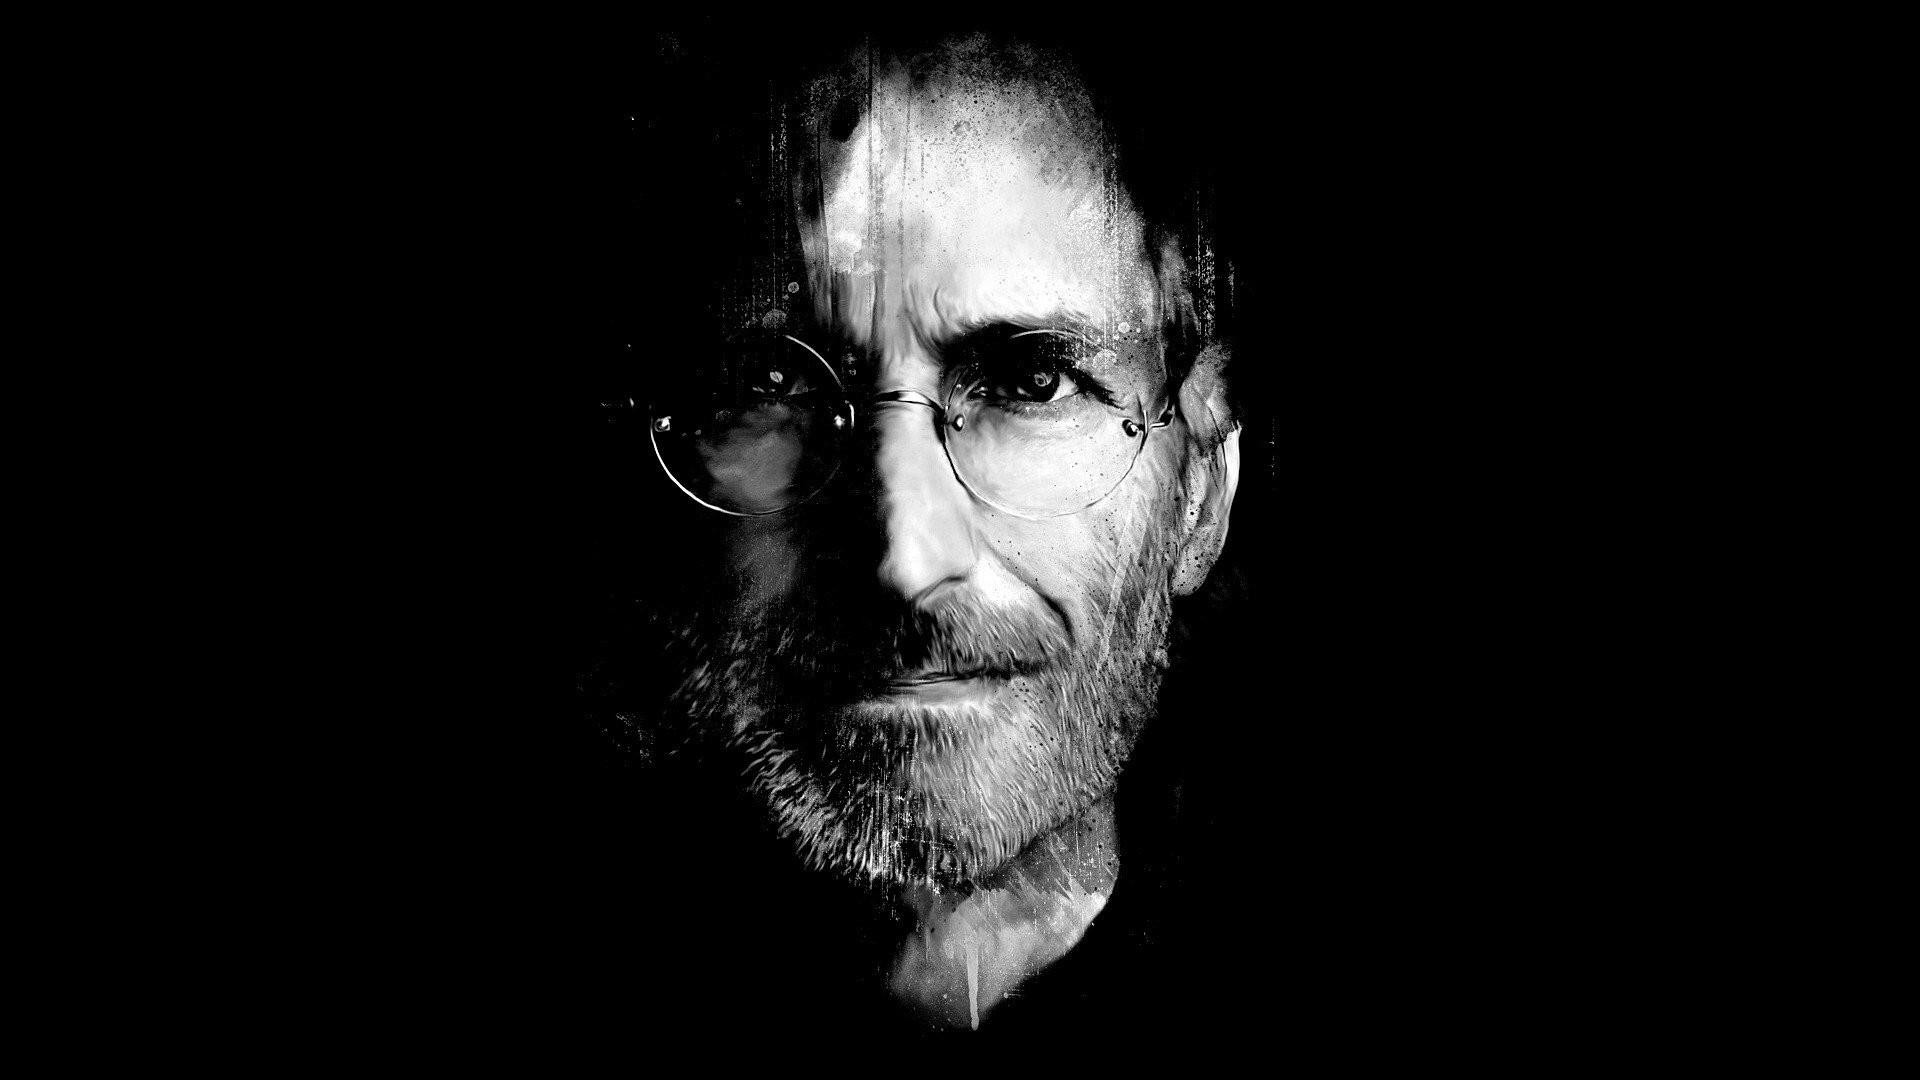 Steve Jobs a Wallpaper